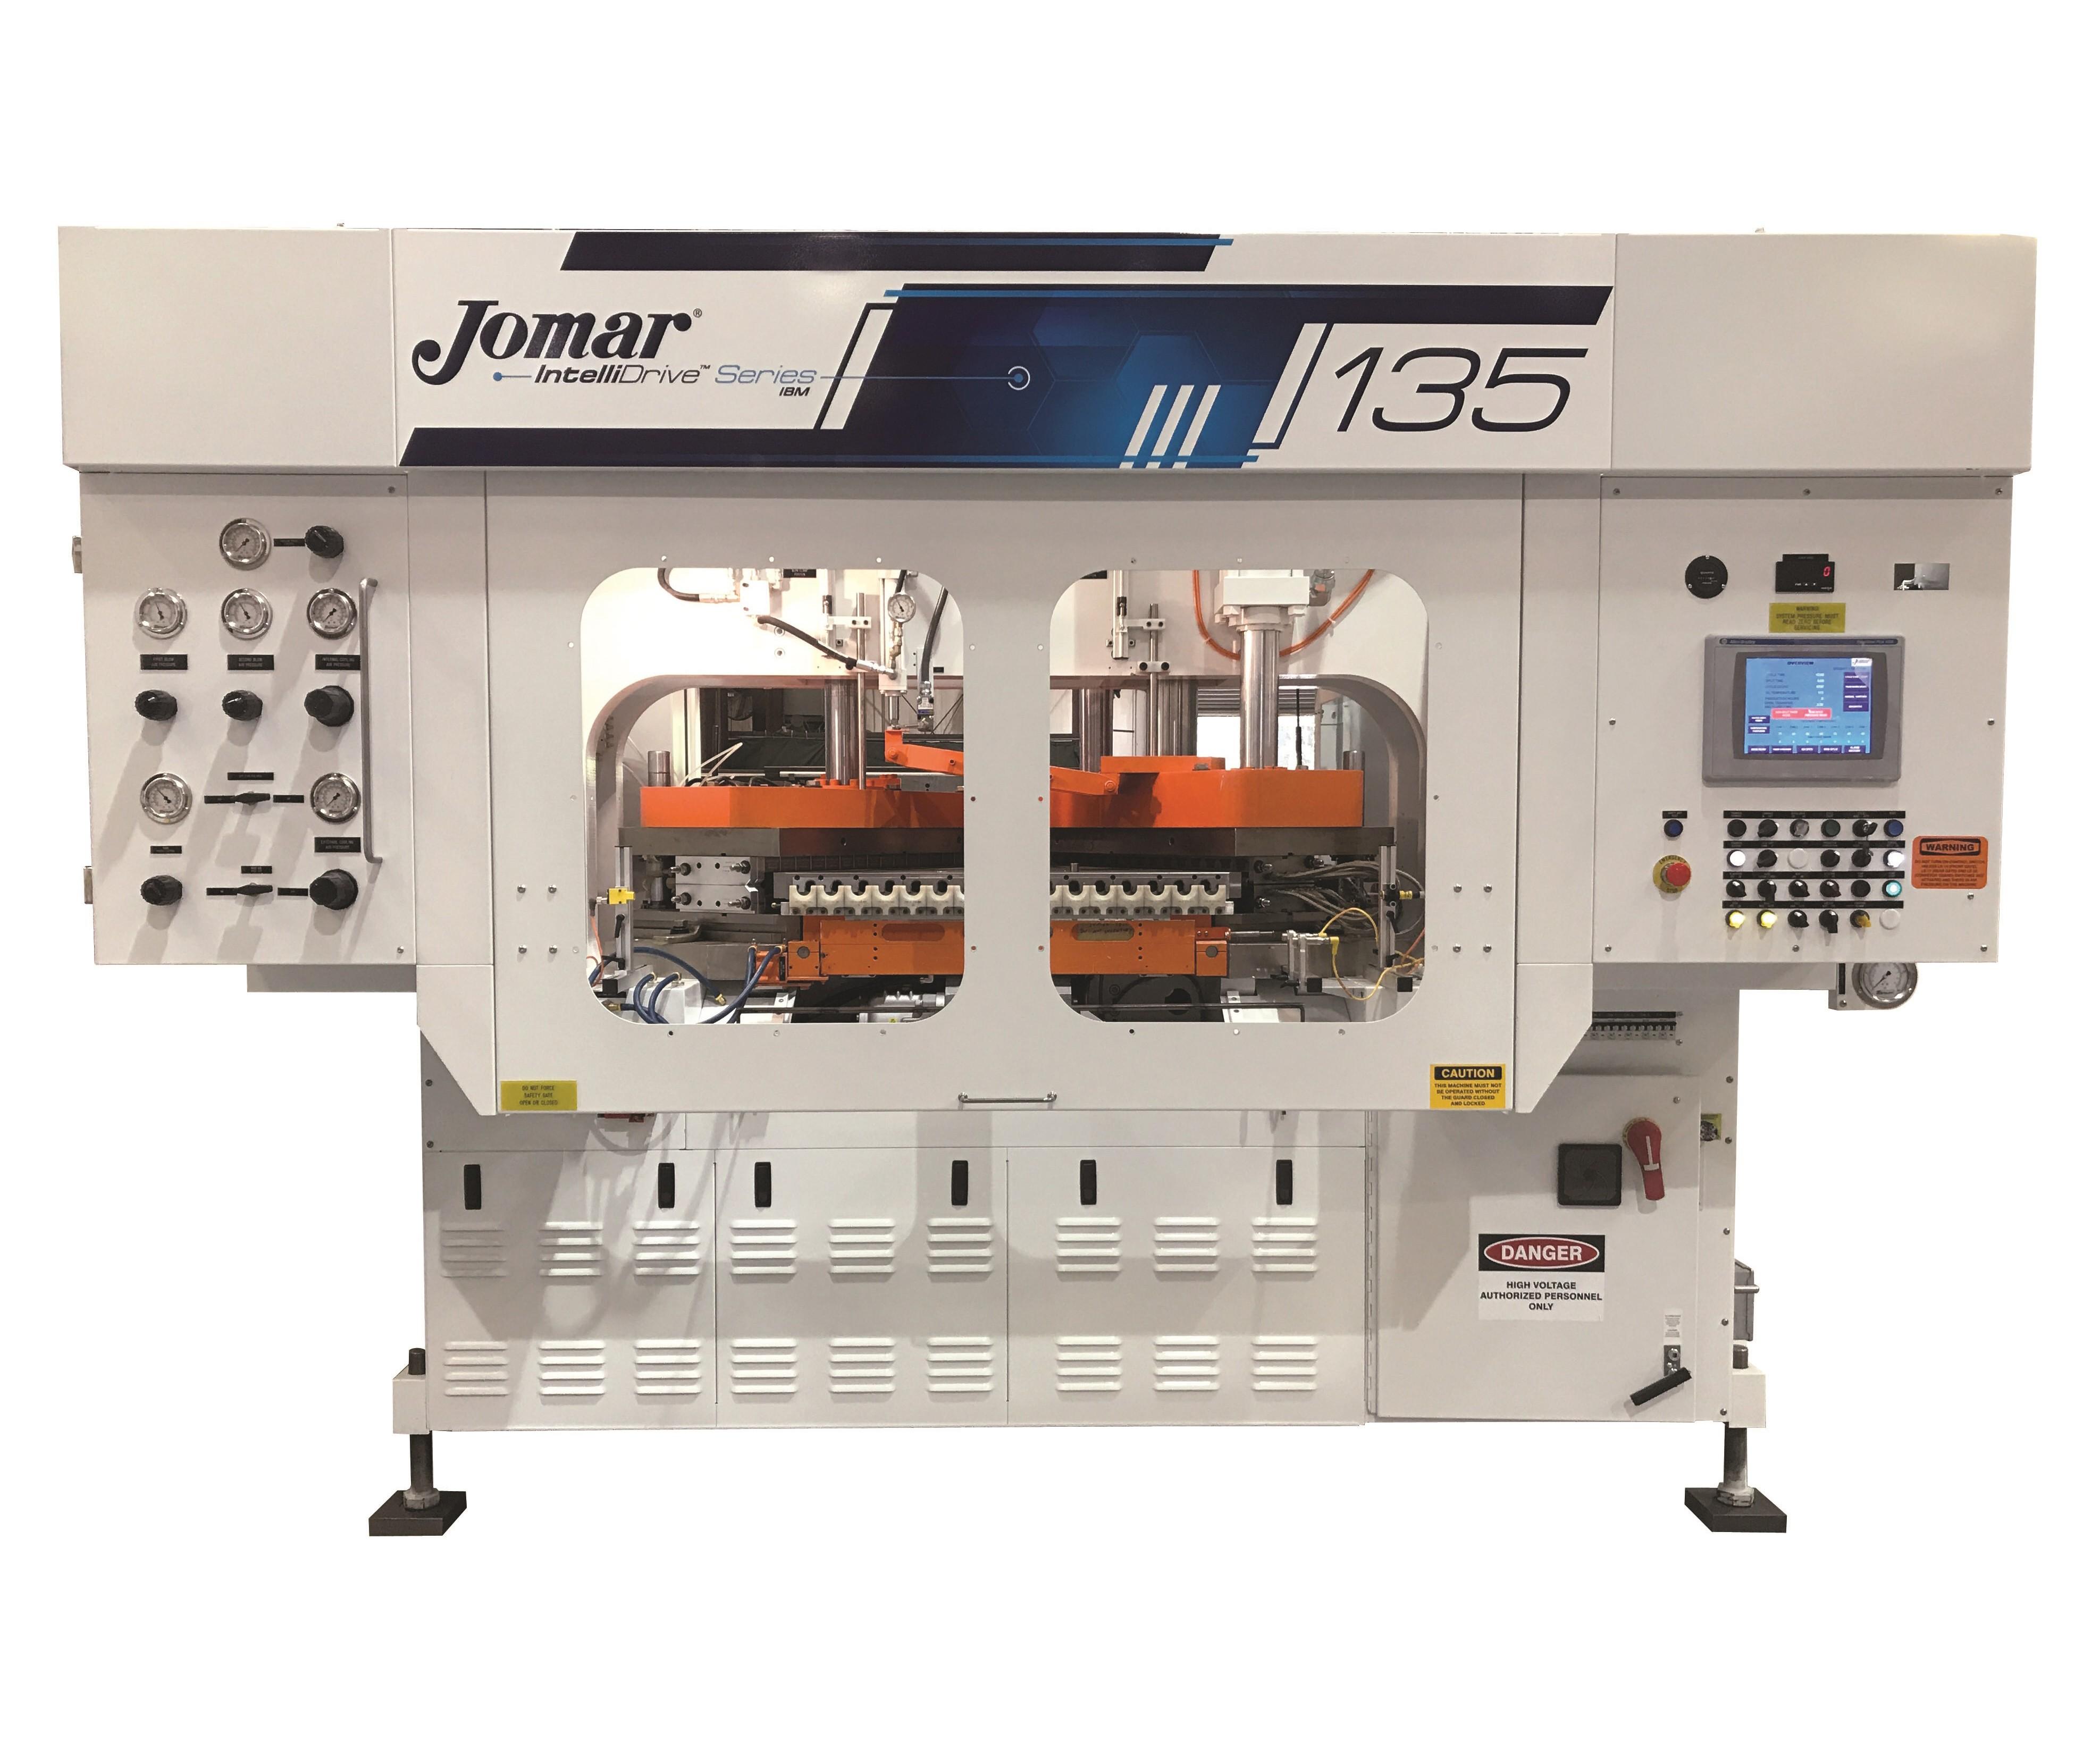 Jomar IntelliDrive 135 injection-blow molding machine